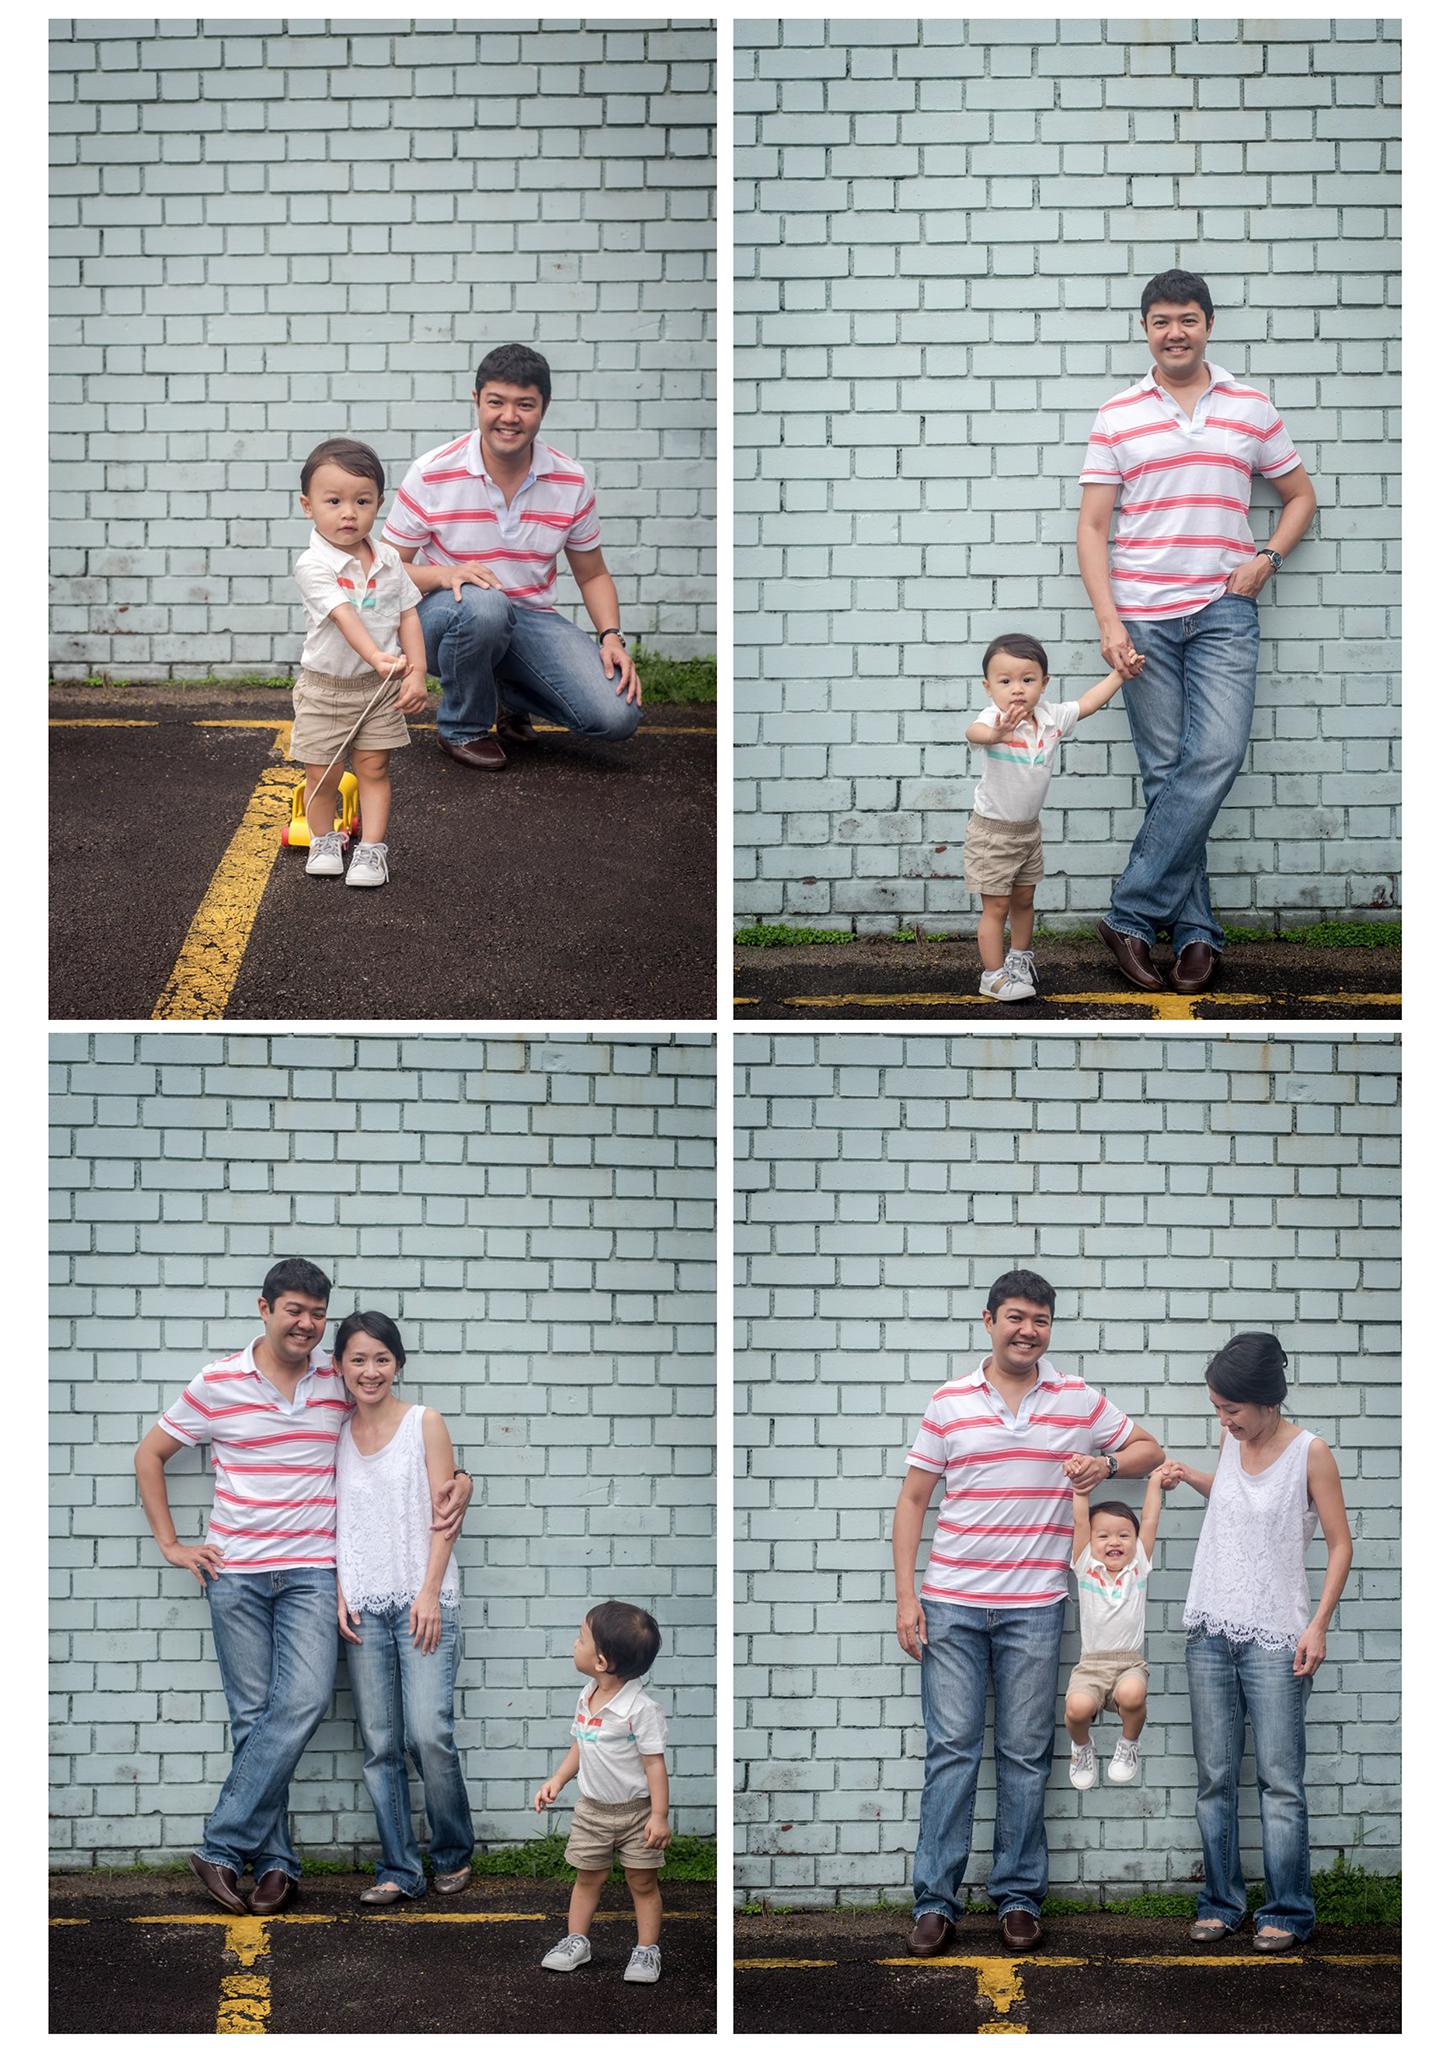 papa-celebrates-fathers-day-2016-01